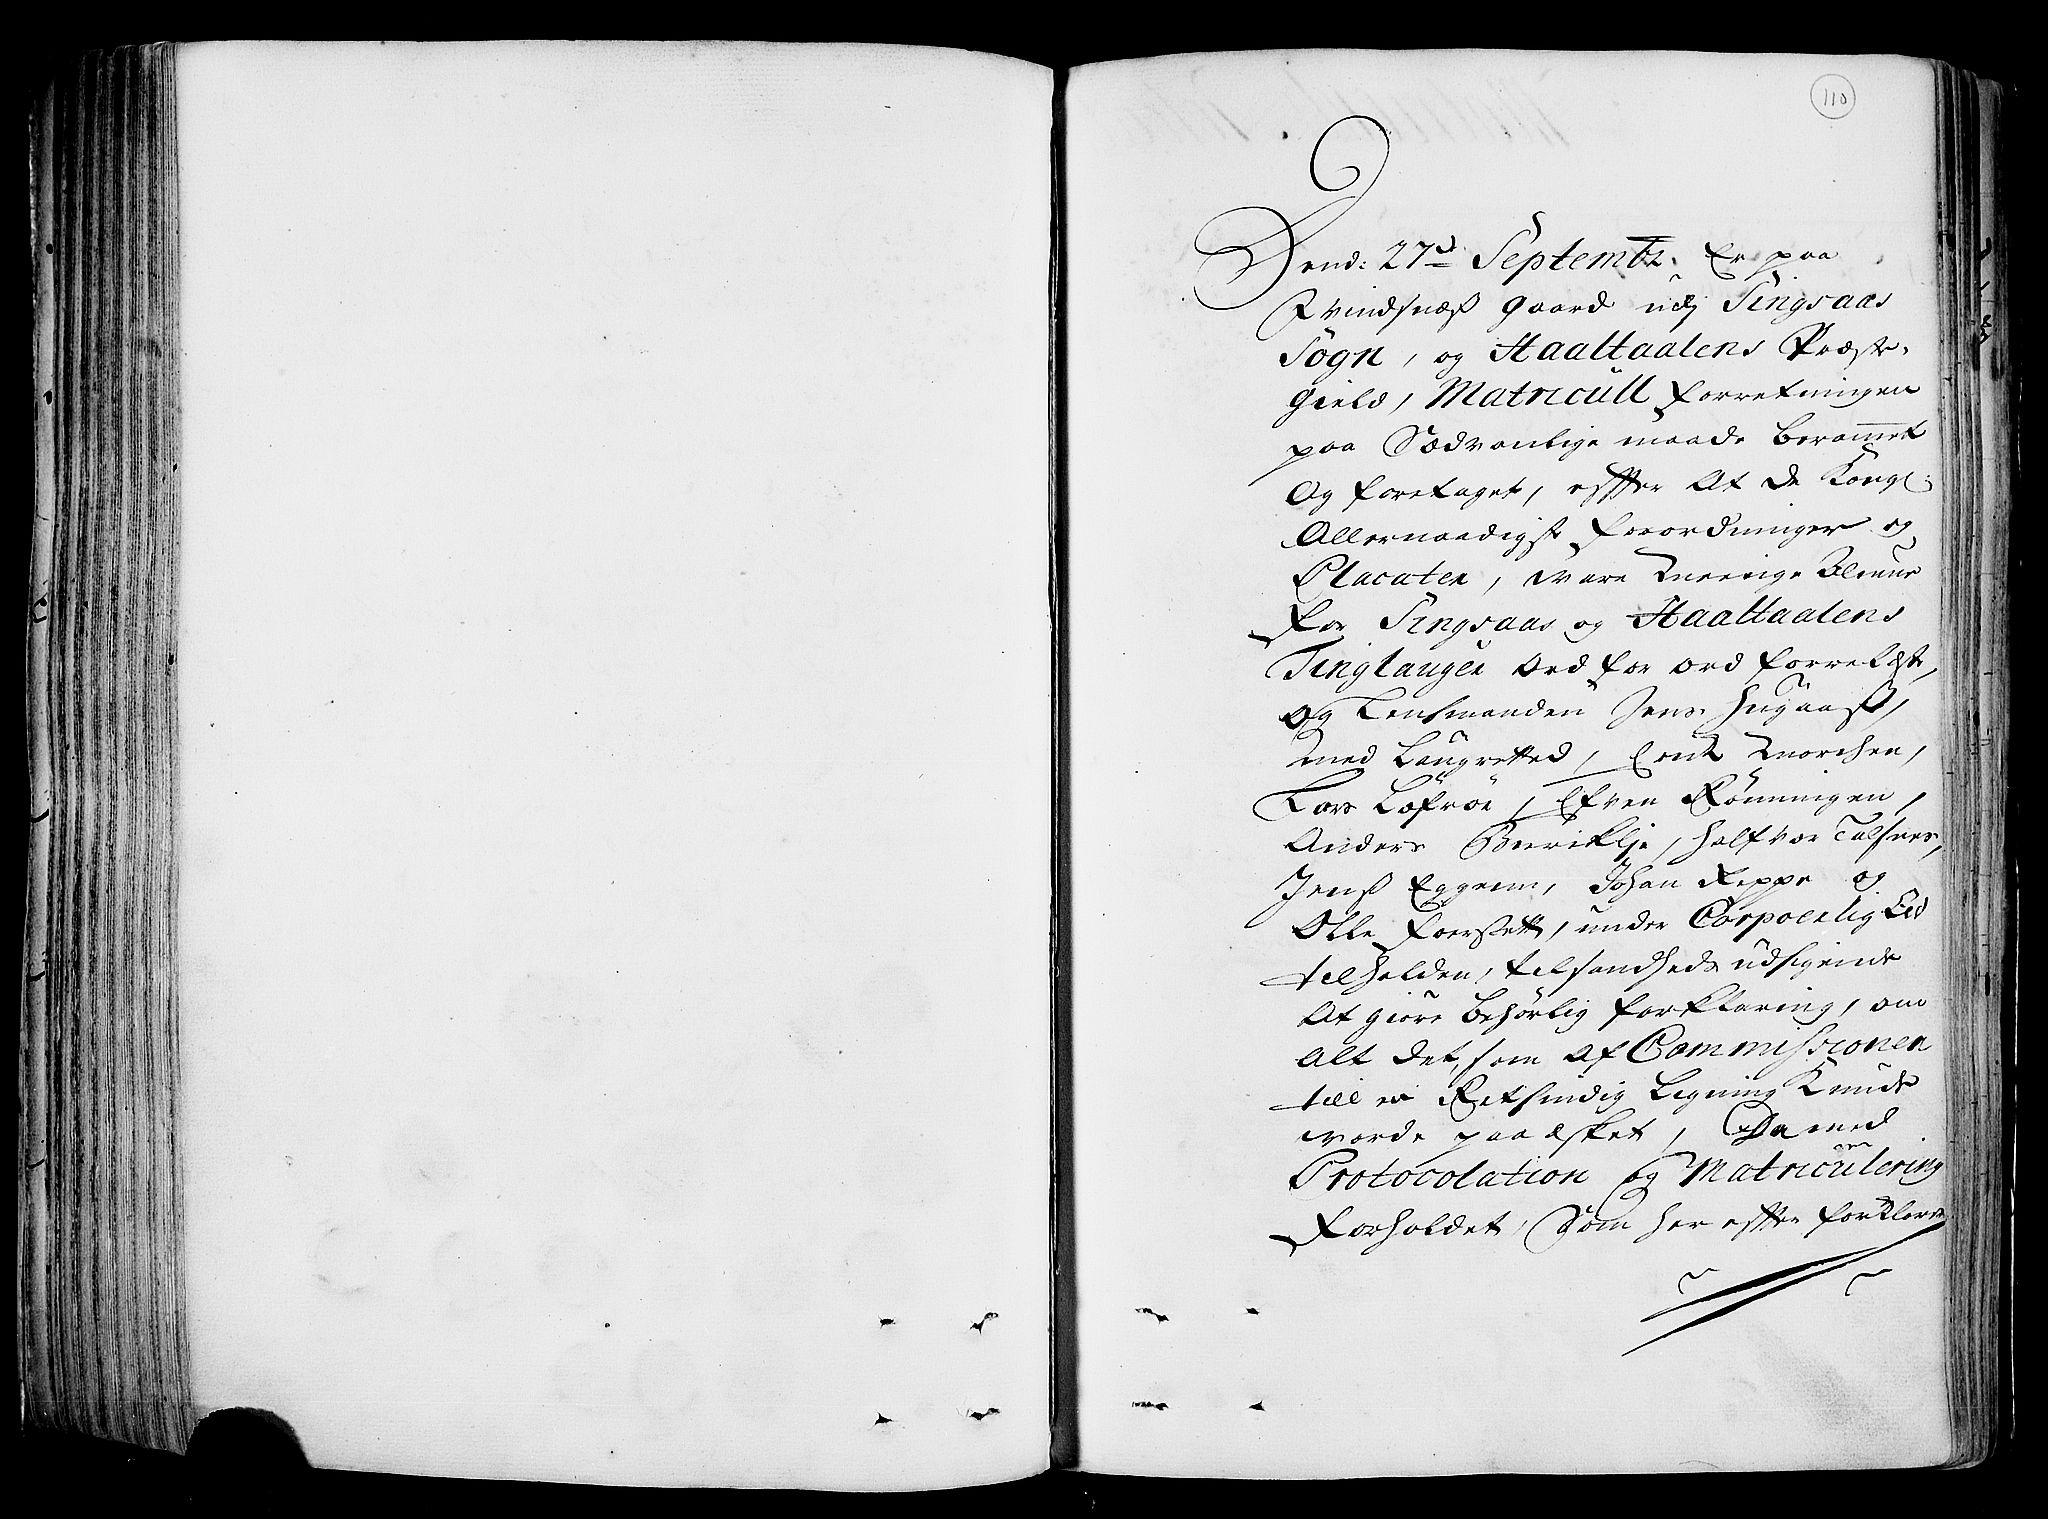 RA, Rentekammeret inntil 1814, Realistisk ordnet avdeling, N/Nb/Nbf/L0158: Gauldal eksaminasjonsprotokoll, 1723, s. 109b-110a